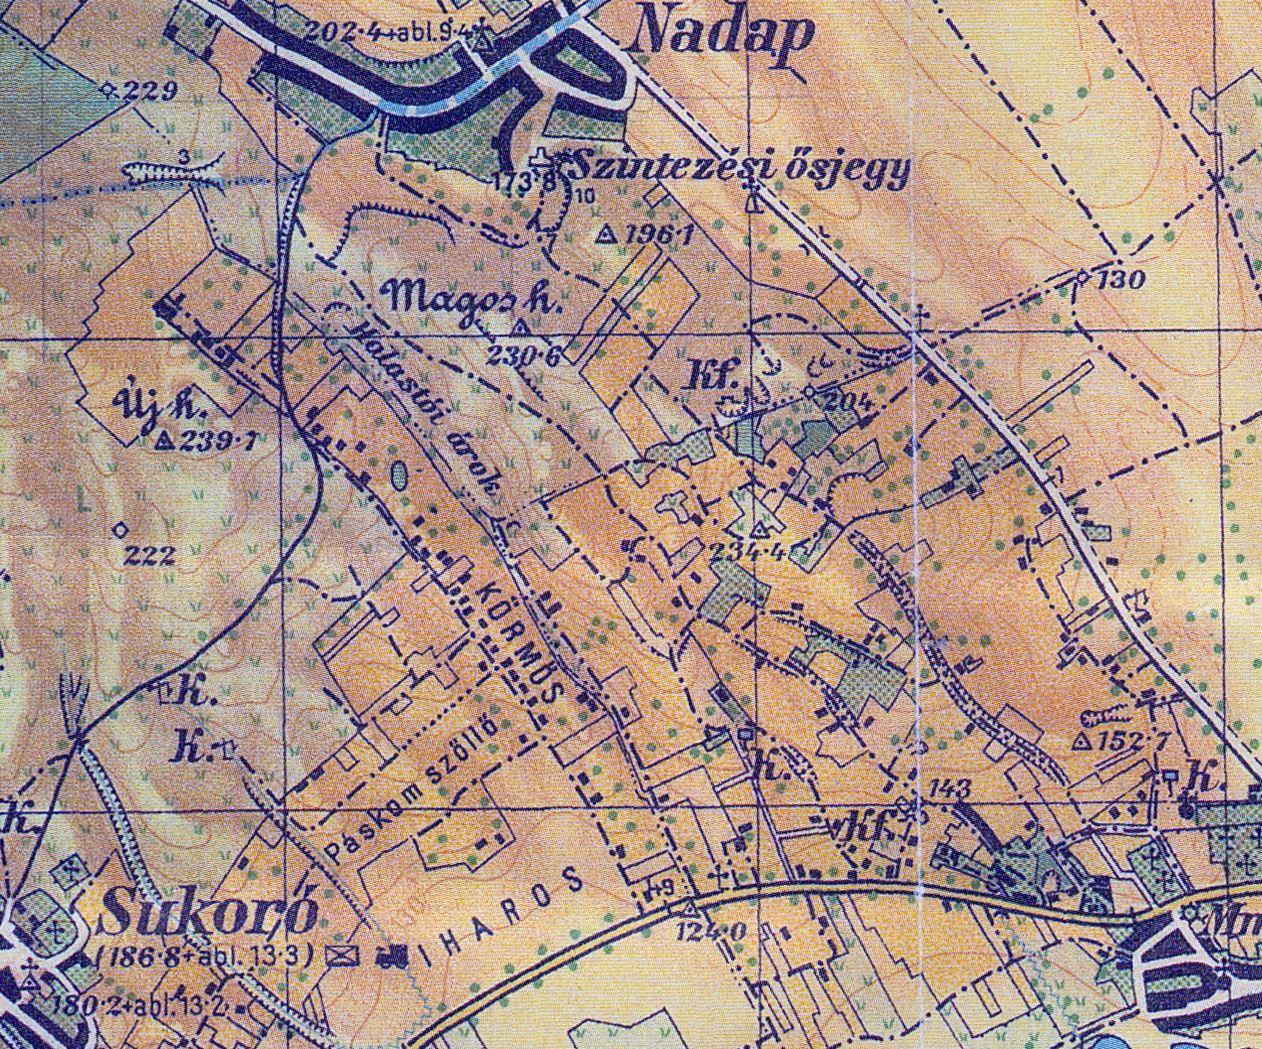 1931 térk szplp